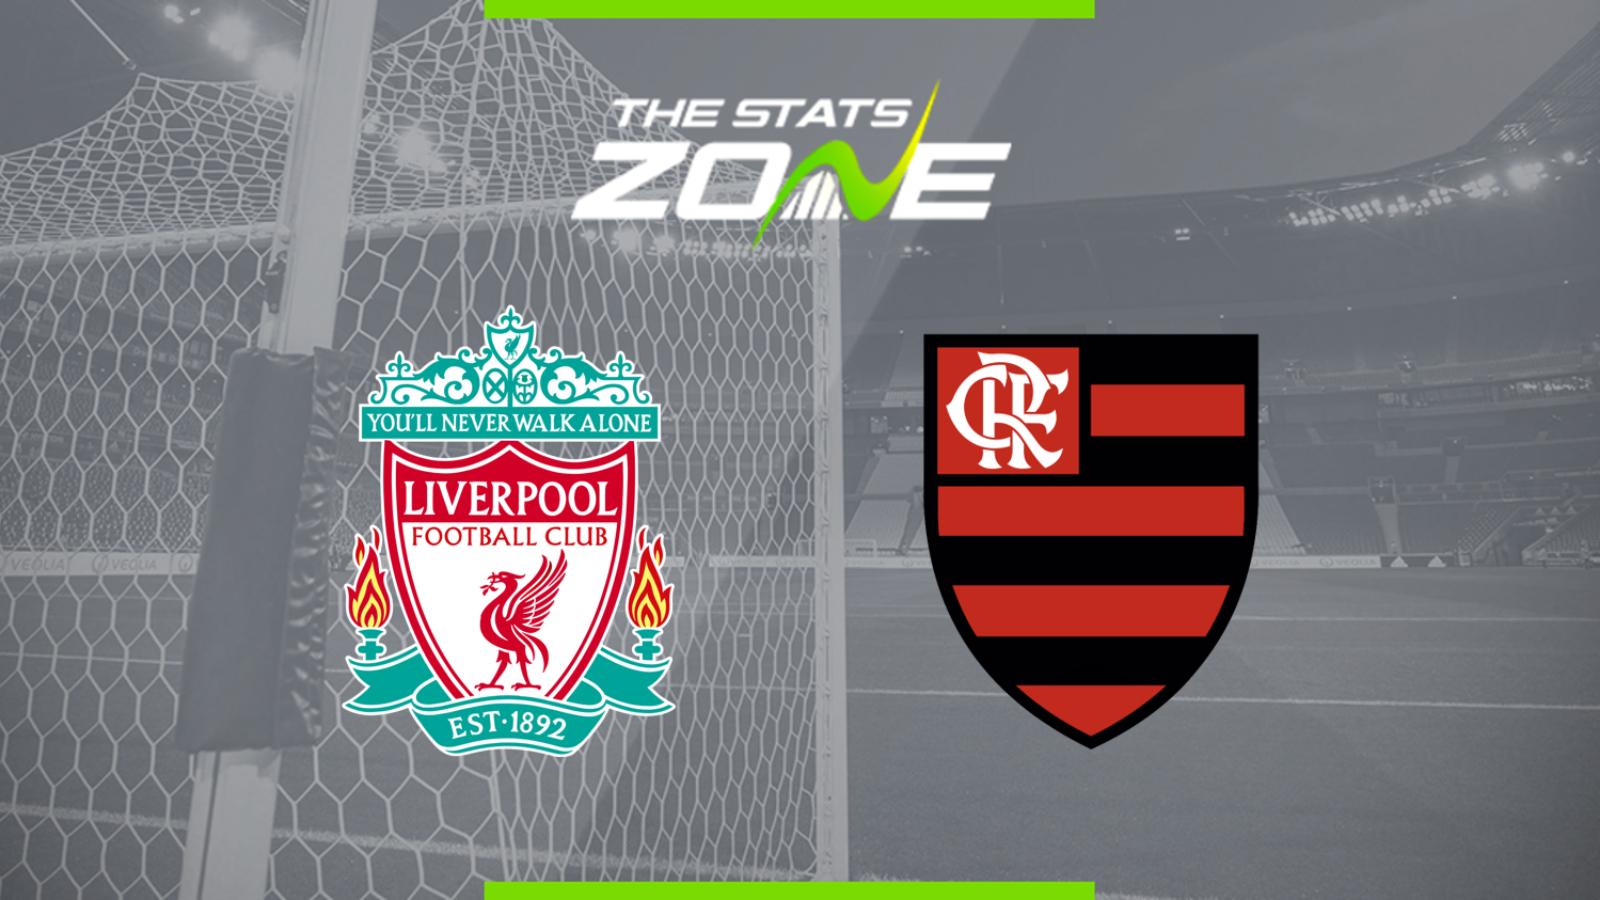 FIFA Club World Cup 2019 Final – Liverpool vs Flamengo